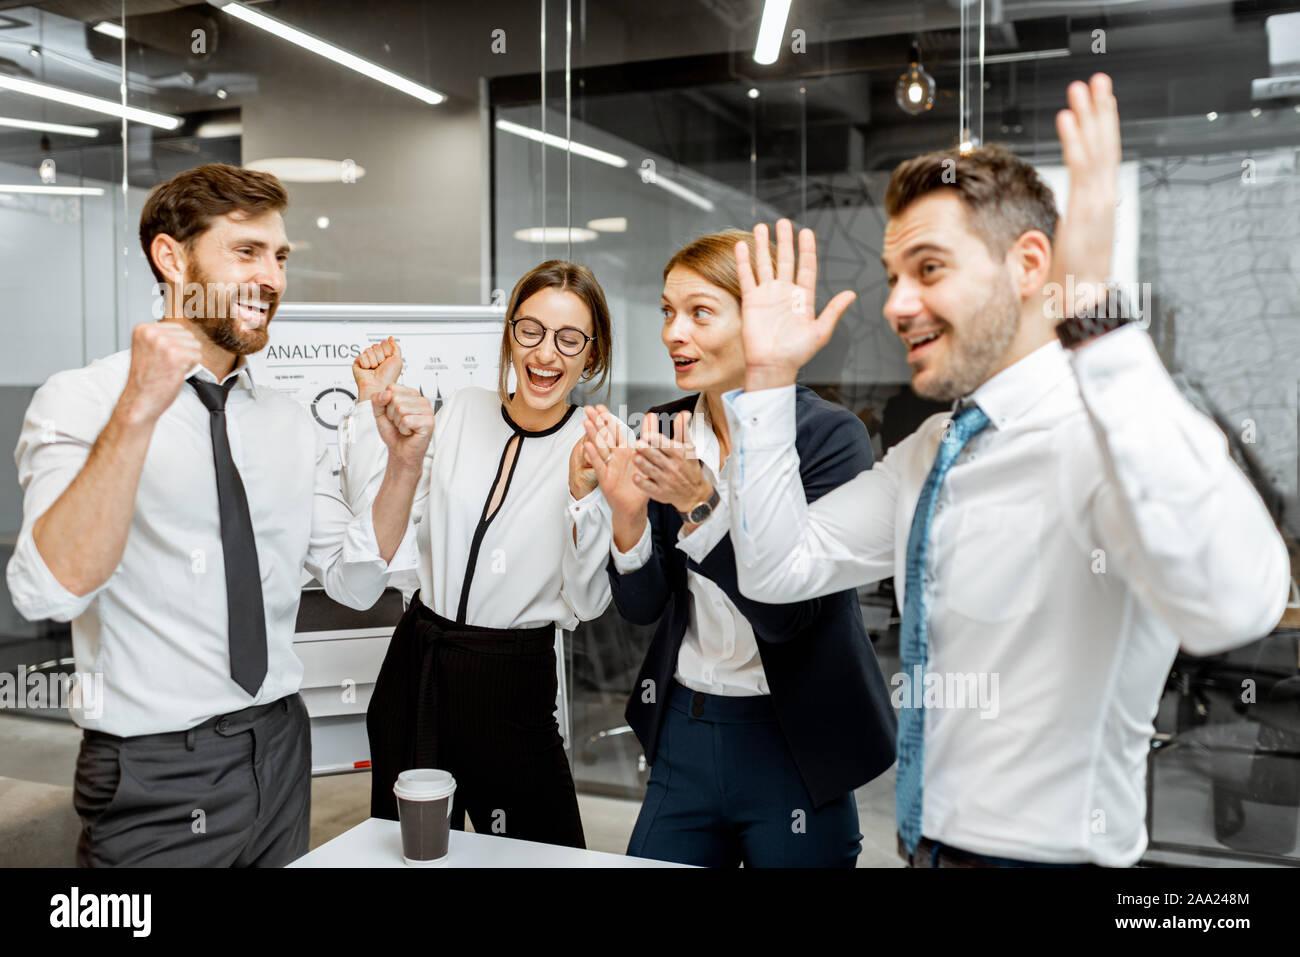 Les employés de l'entreprise réussie se sentir excité avec une bonne performance financière, difficile de travailler ensemble dans la salle de réunion Banque D'Images